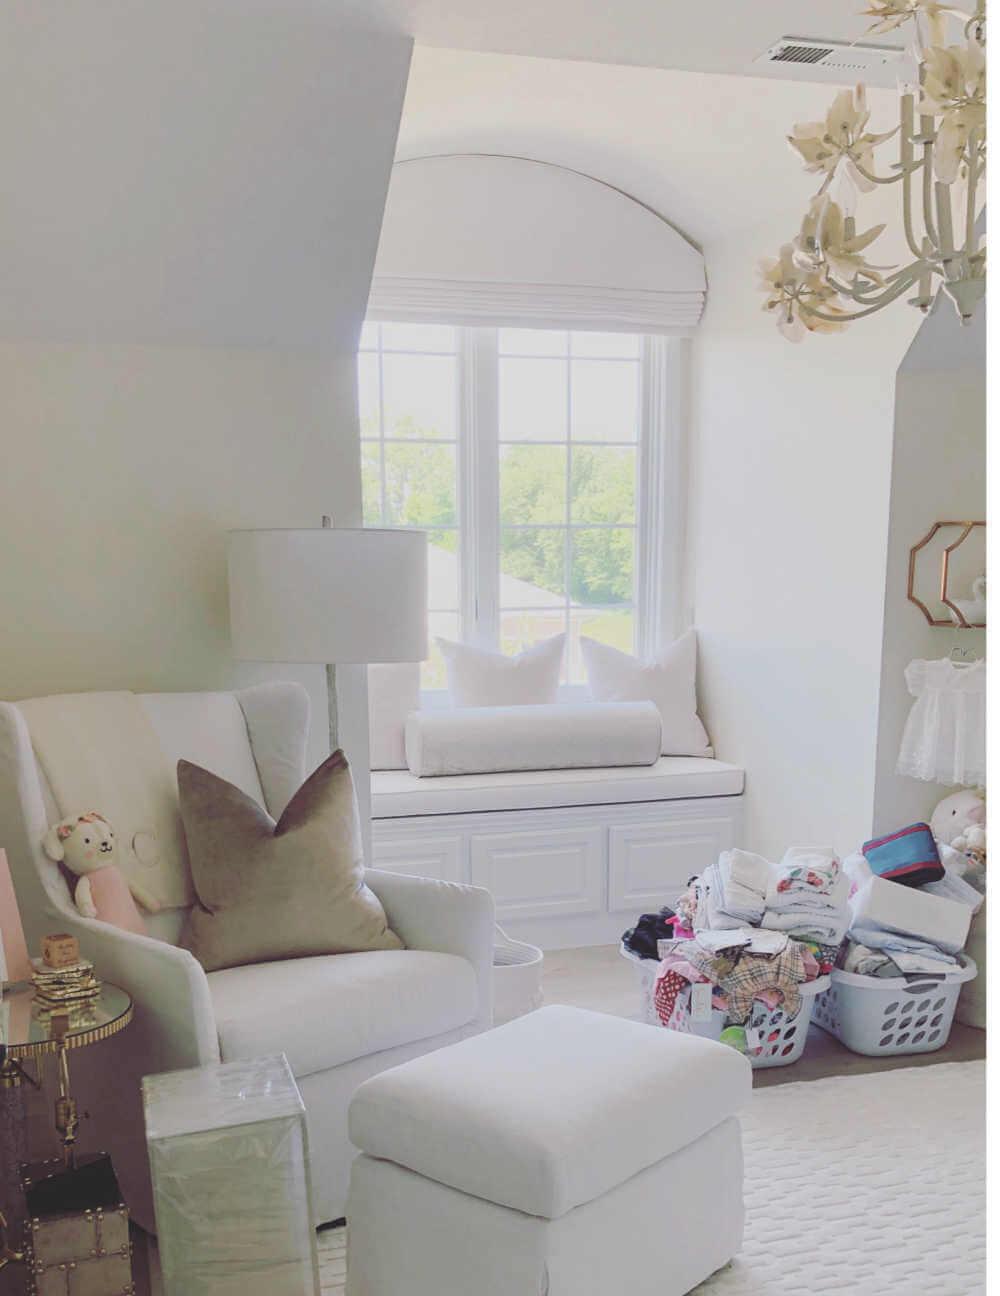 Nursery-window-seat-and-cushions